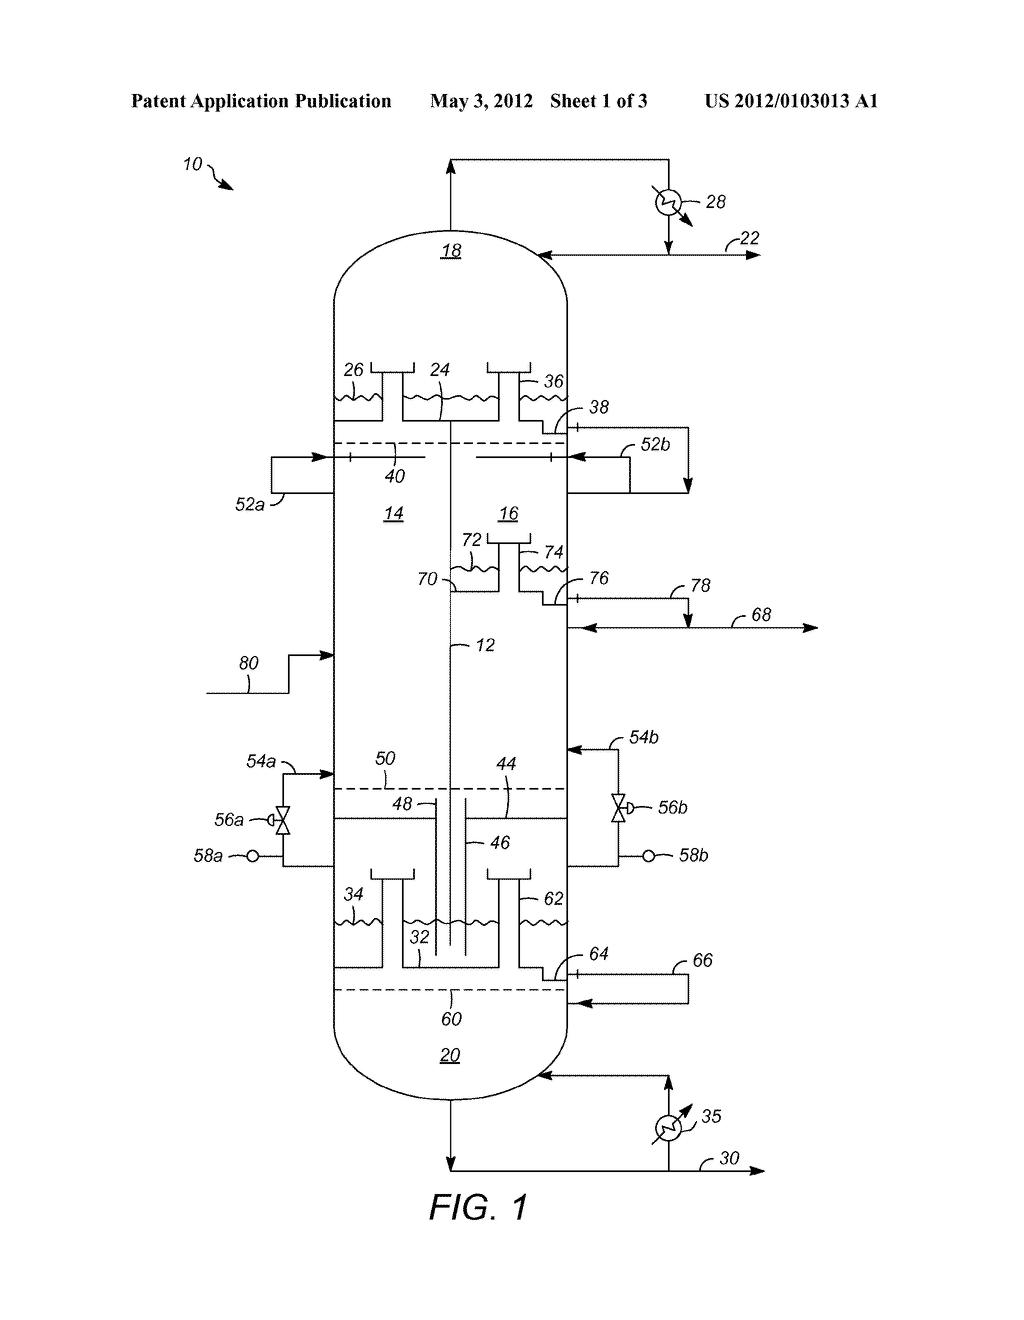 distillation column schematic    pooptronica.com